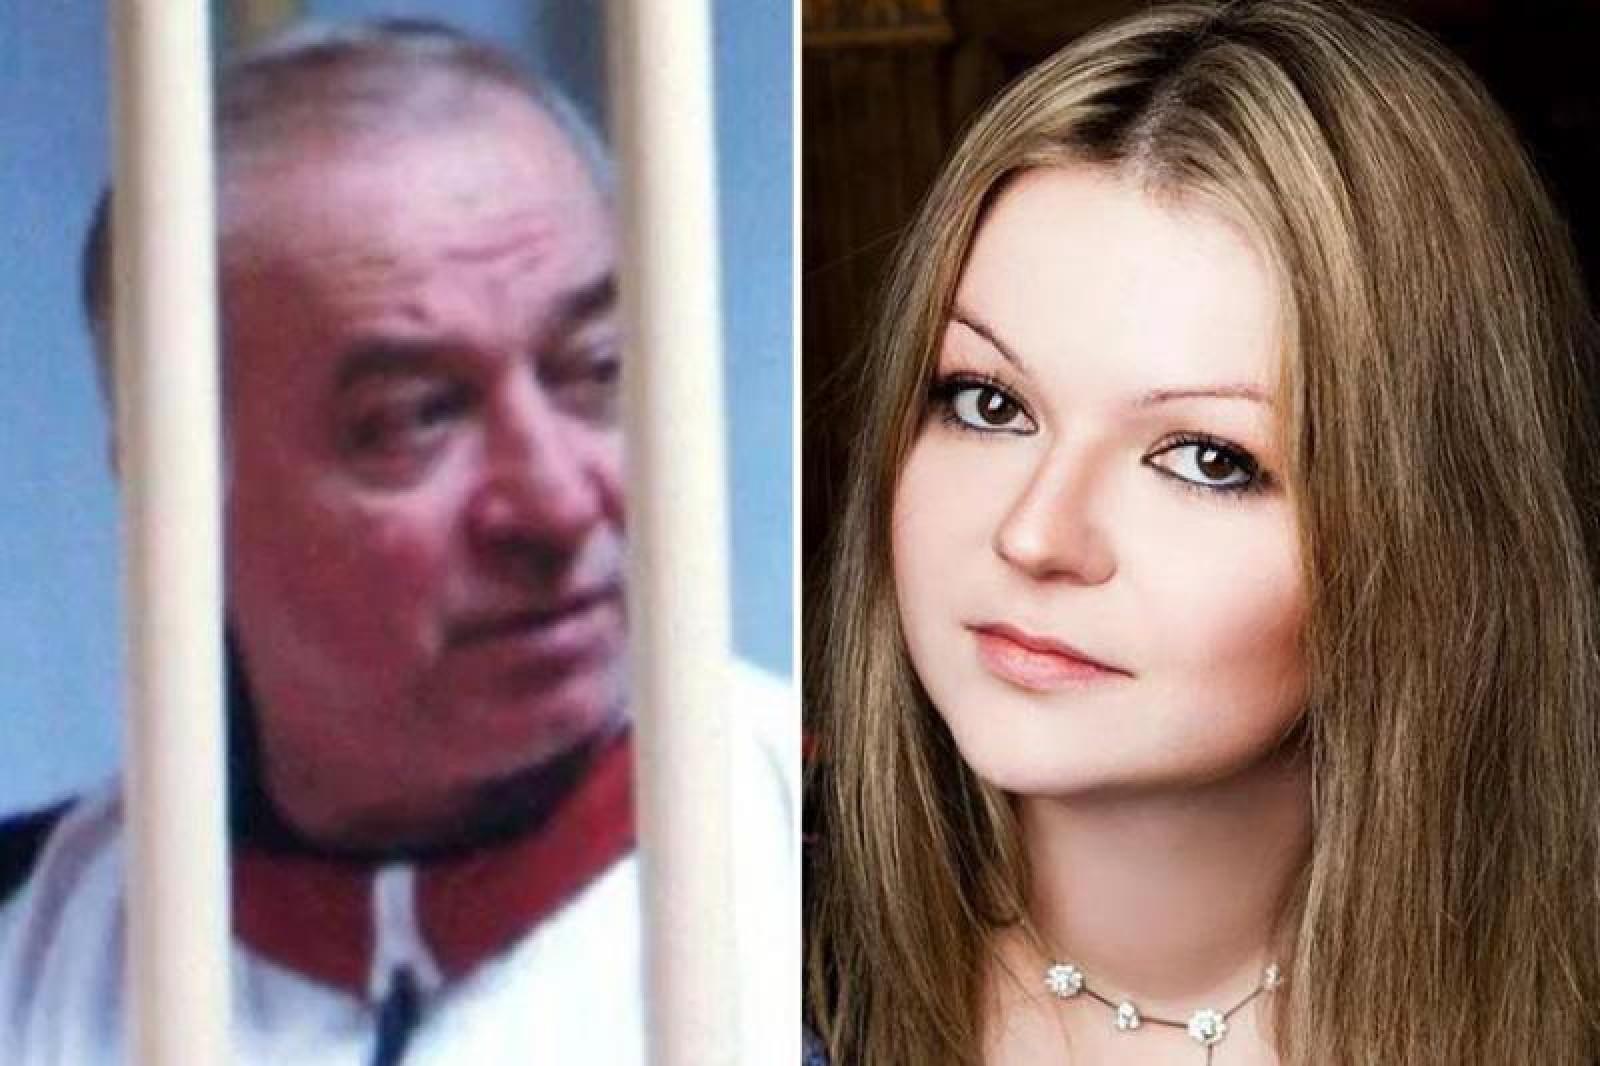 SUA acuză oficial Rusia pentru cazul Skripal și anunță noi sancțiuni